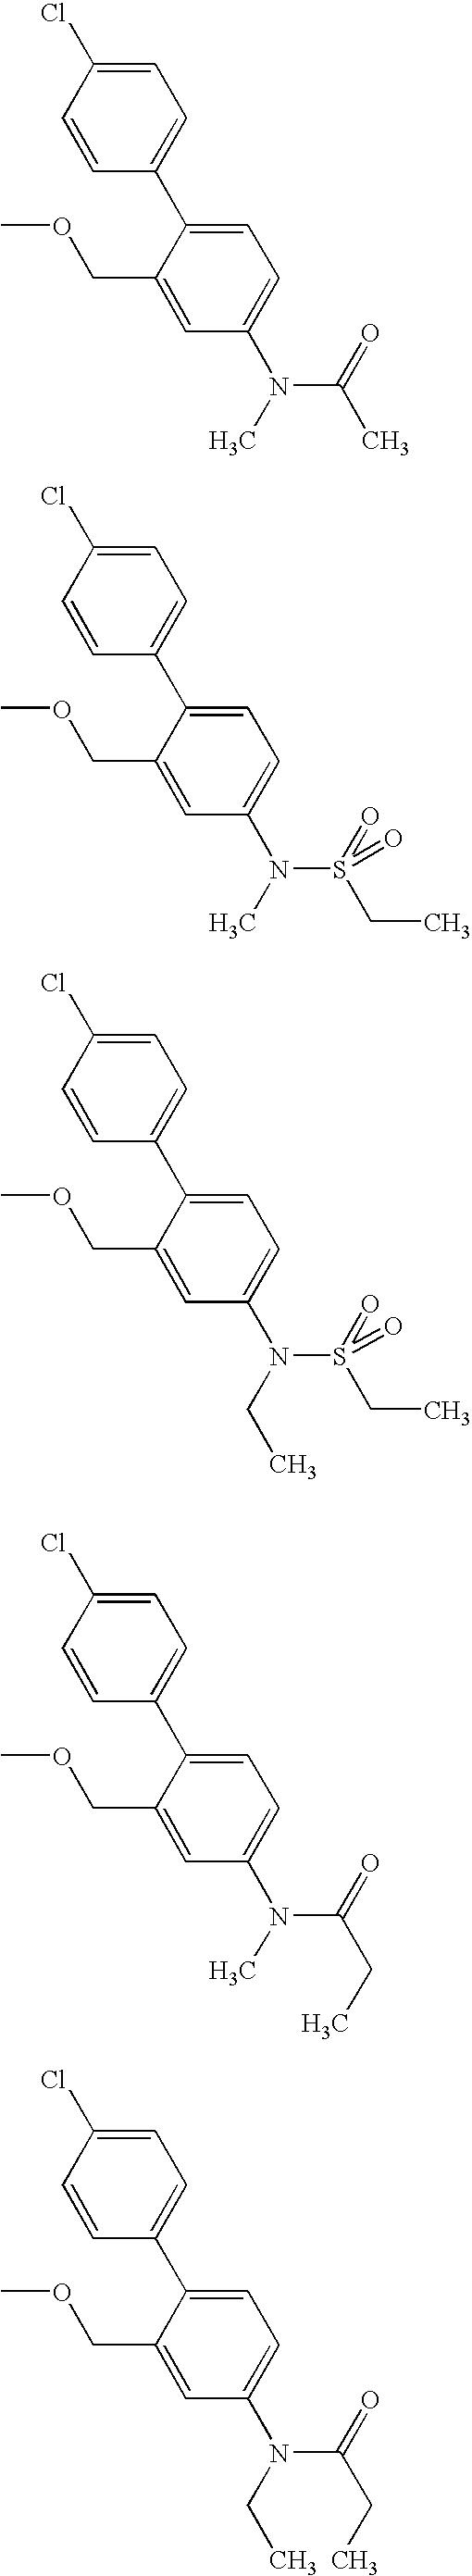 Figure US20070049593A1-20070301-C00263